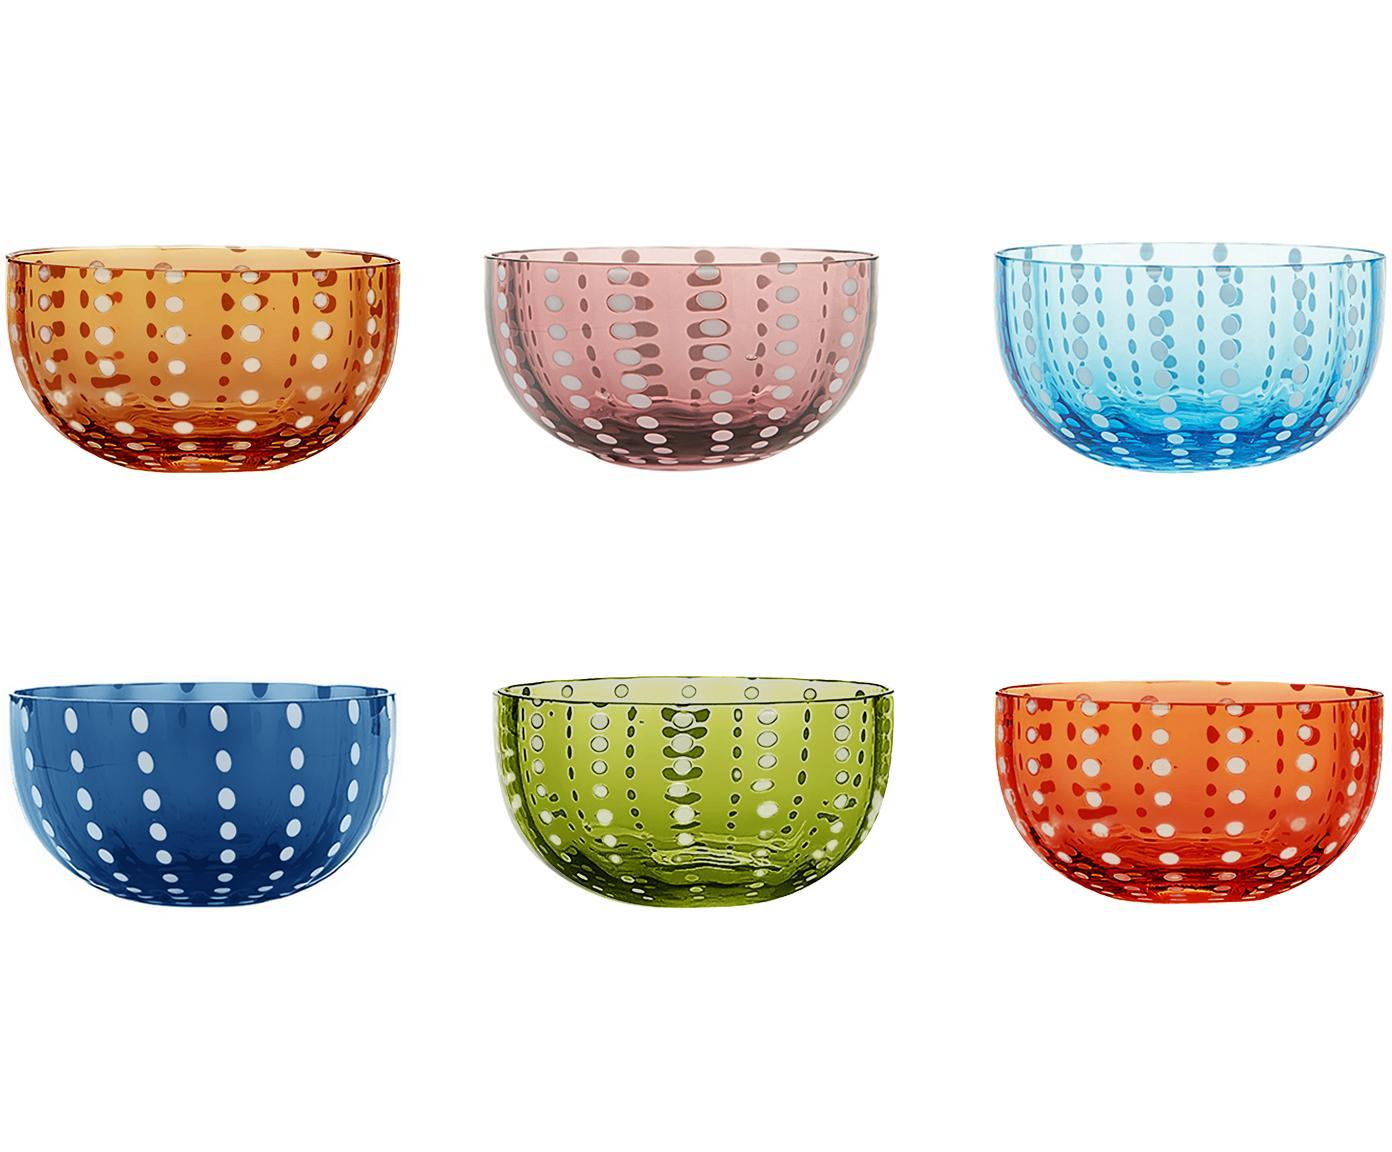 Mundgeblasenes Schälchen-Set Perle, 6-tlg., Glas, Bernsteinfarben, Lila, Türkis, Blau, Grasgrün, Orange, Ø 12 x H 6 cm